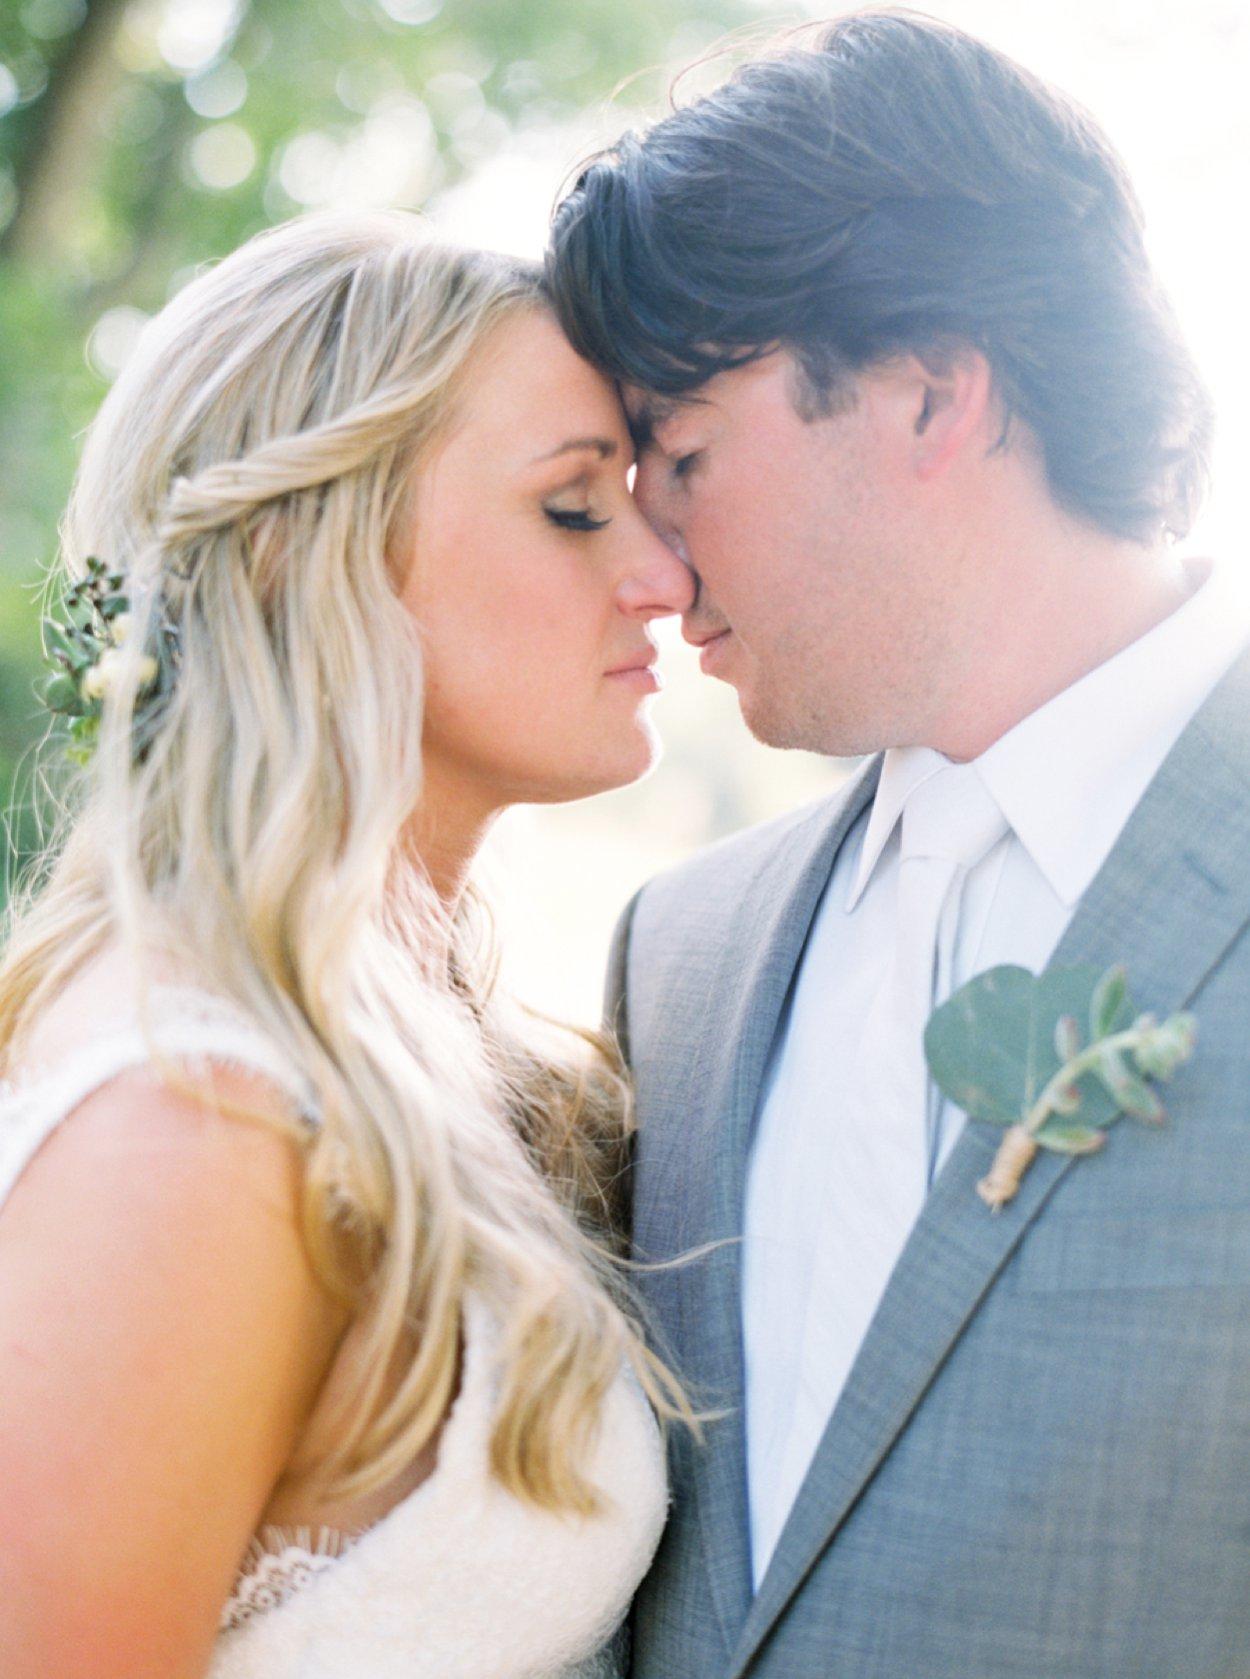 75048-http3a2f2fjennamcelroy-com2fblog2f20152f102f52fjennas-bridals-austin-wedding-photographer2fblog2f20152f102f52fjennas-bridals-austin-wedding-photographer.jpg